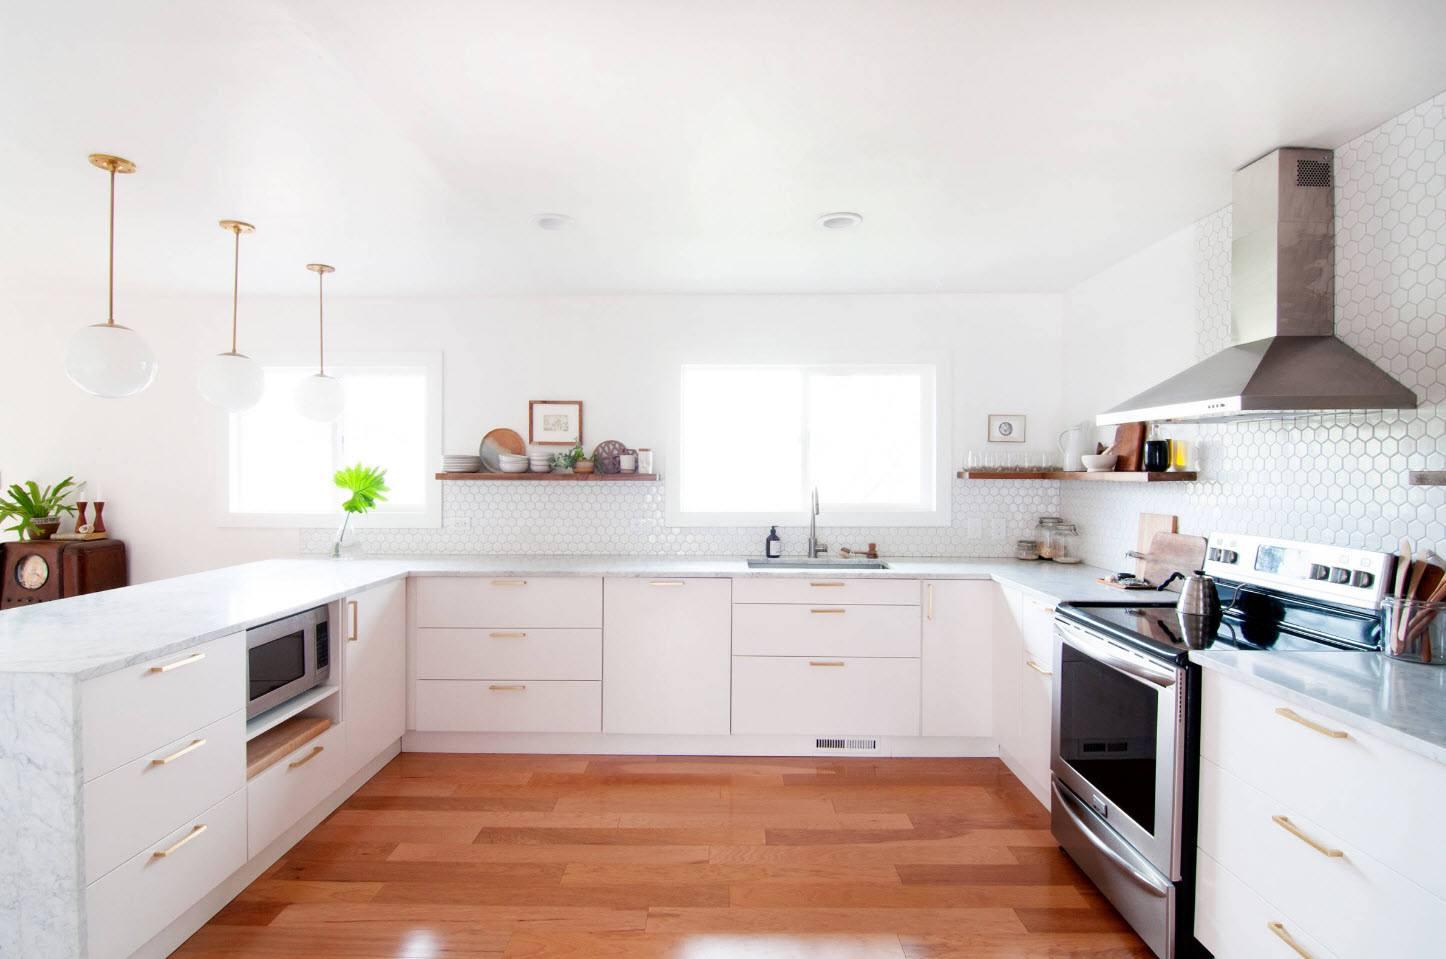 White modern kitchen facades